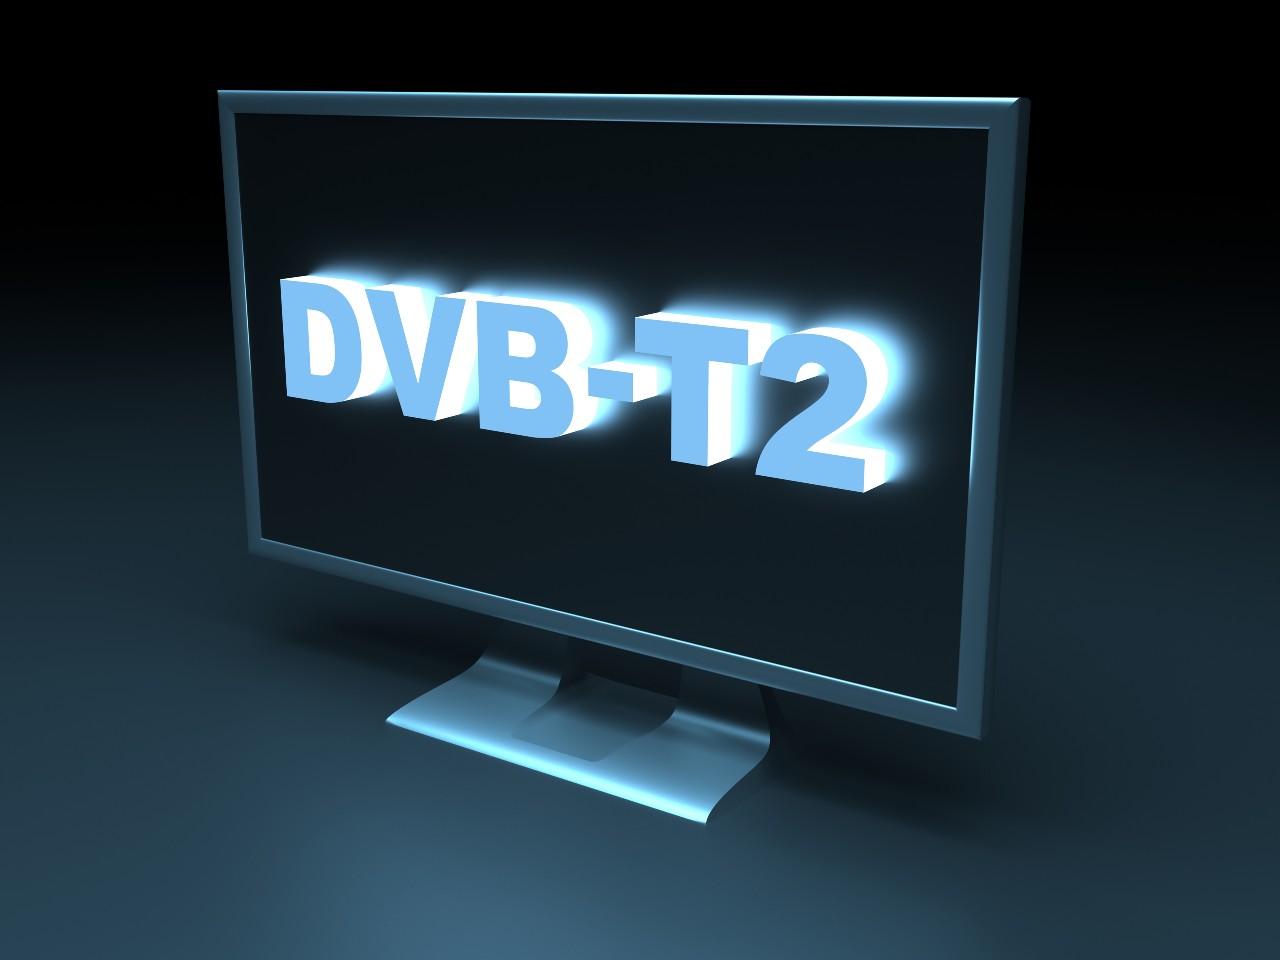 Digitale Terrestre, bonus tv cumulabile con il precedente incentivo governativo (Adobe Stock)